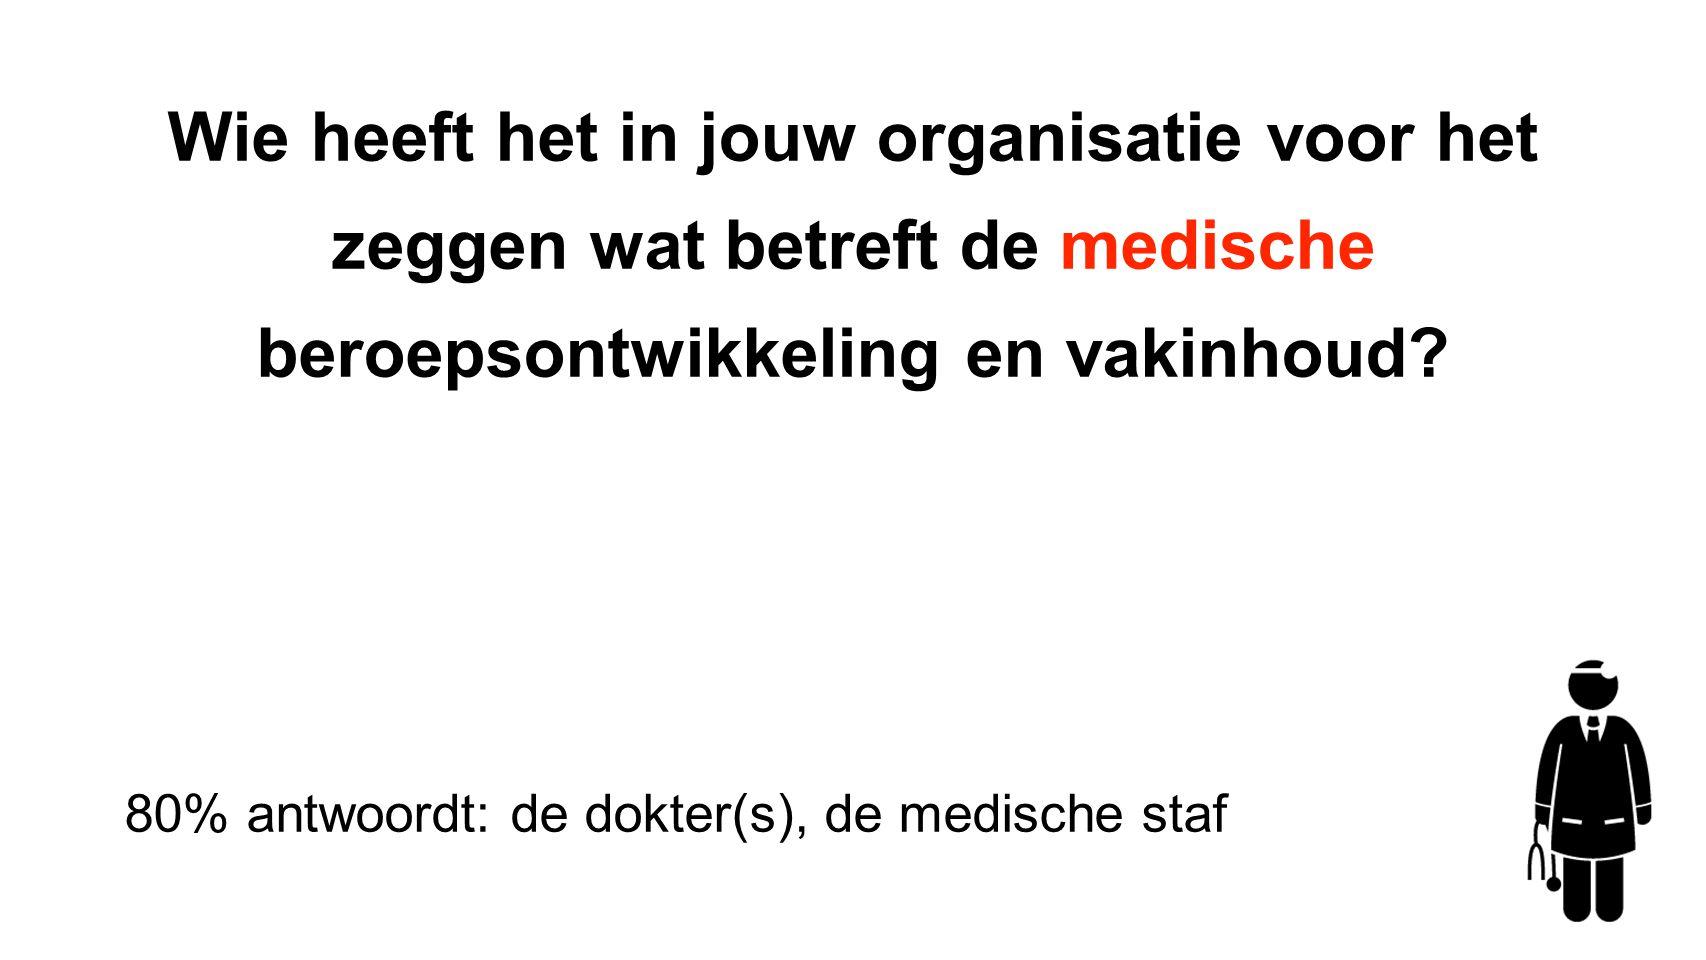 80% antwoordt: de dokter(s), de medische staf Wie heeft het in jouw organisatie voor het zeggen wat betreft de medische beroepsontwikkeling en vakinhoud?